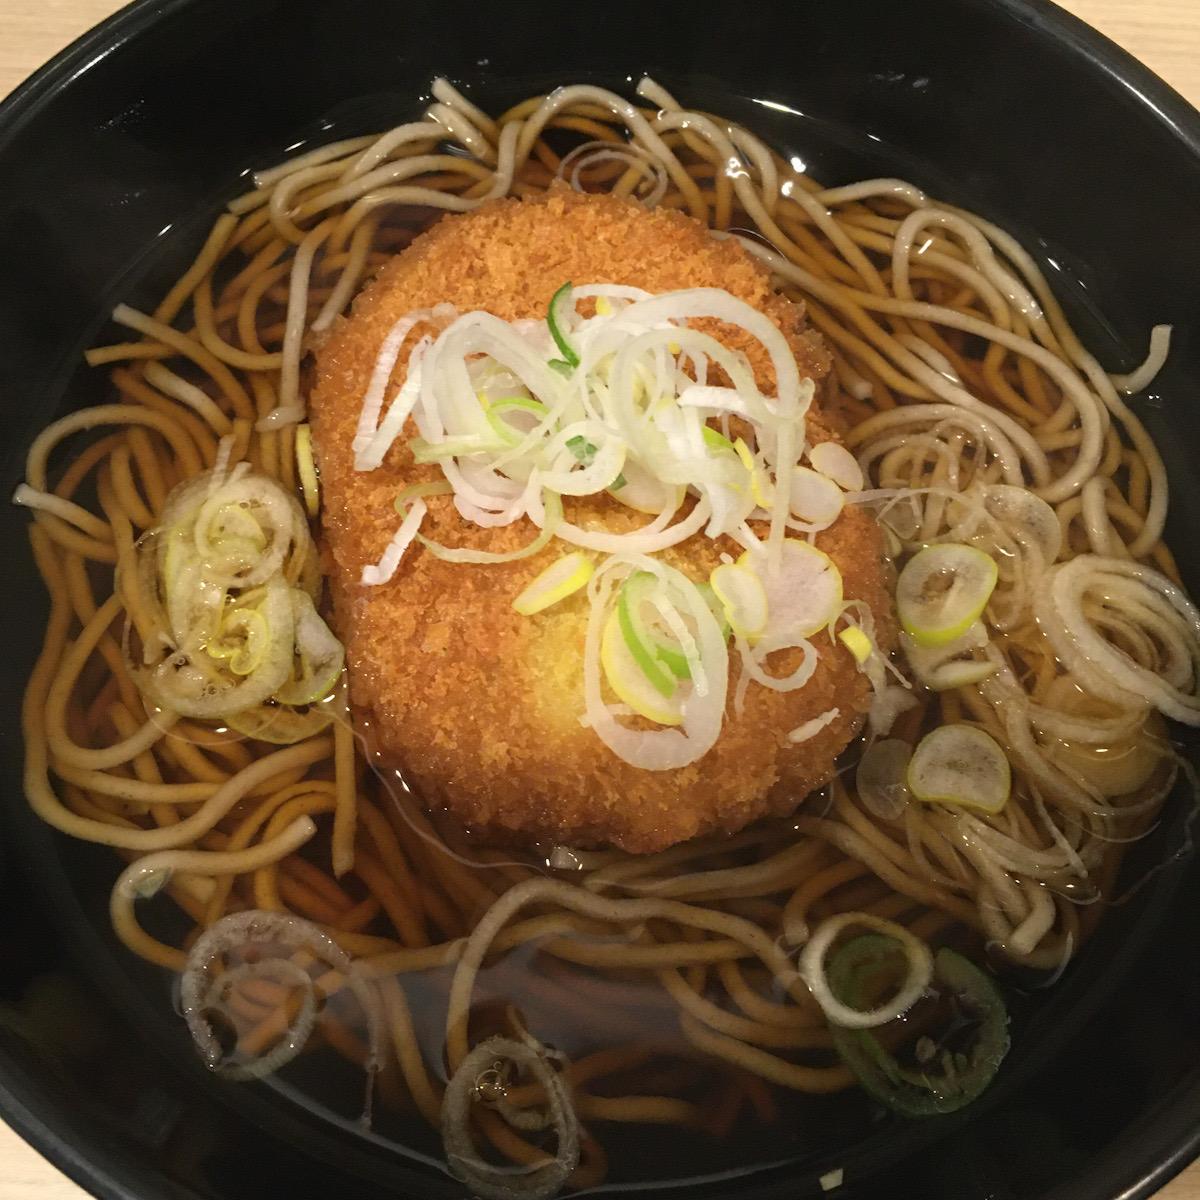 品川駅構内の立ち食いそば「吉利庵」でコロッケそばをいただく。